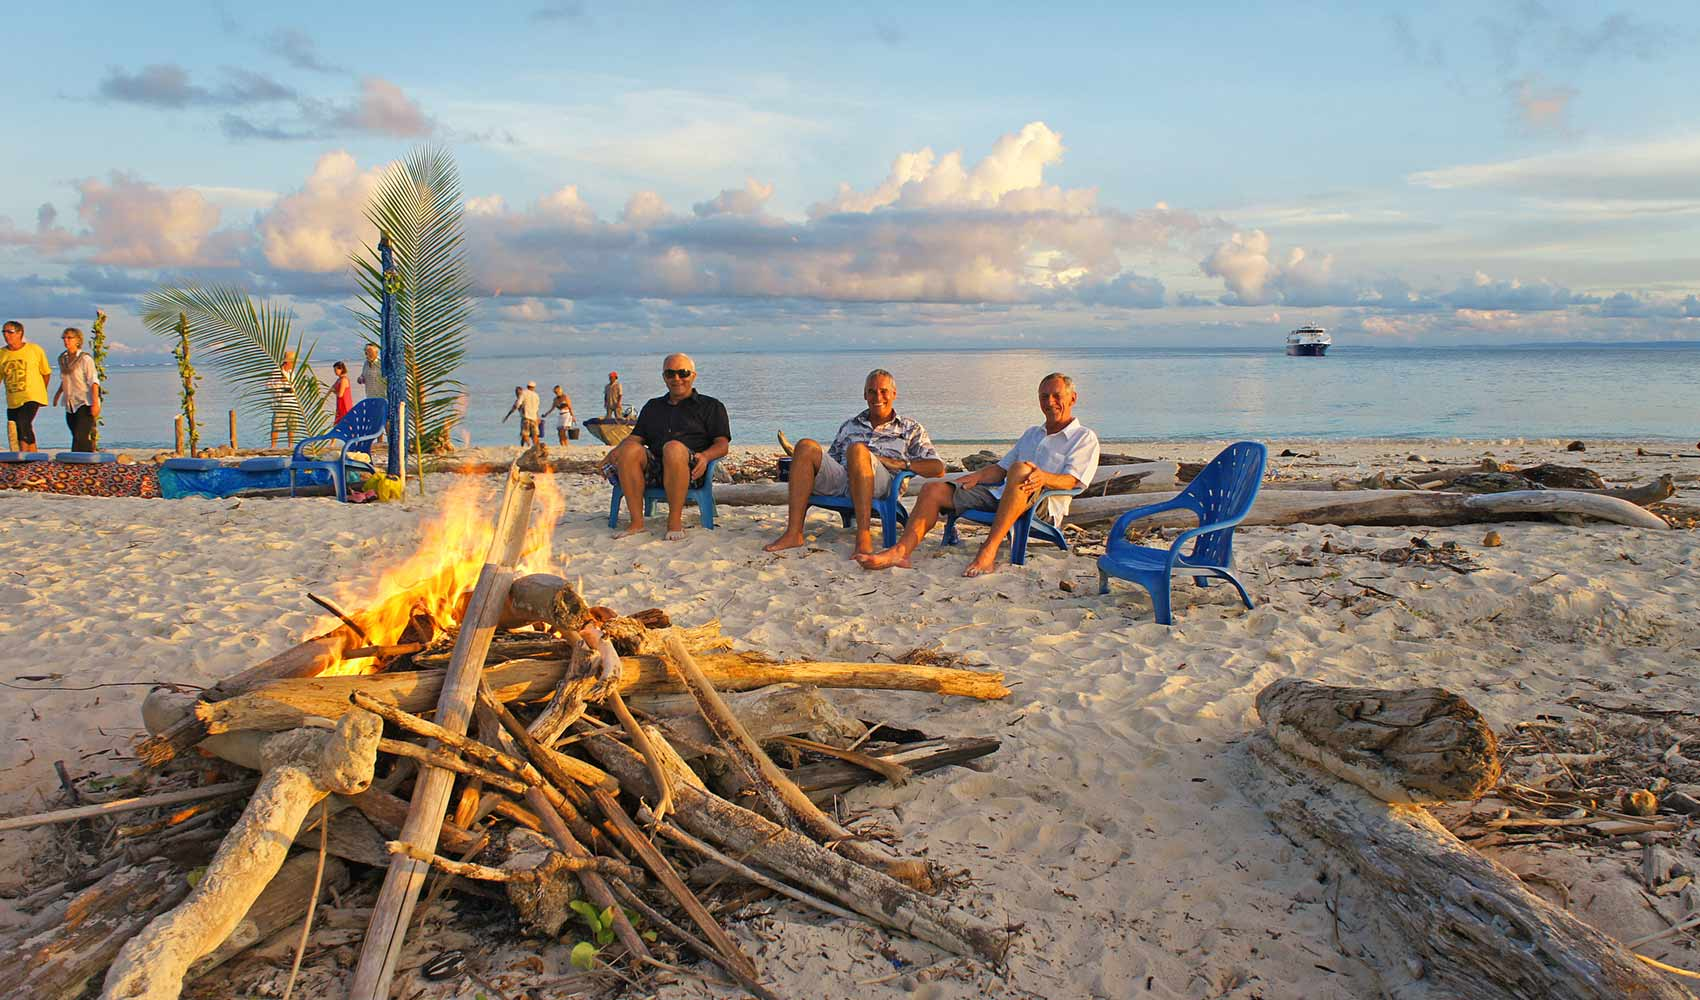 Ratu_Motu_Beach_Bonfire